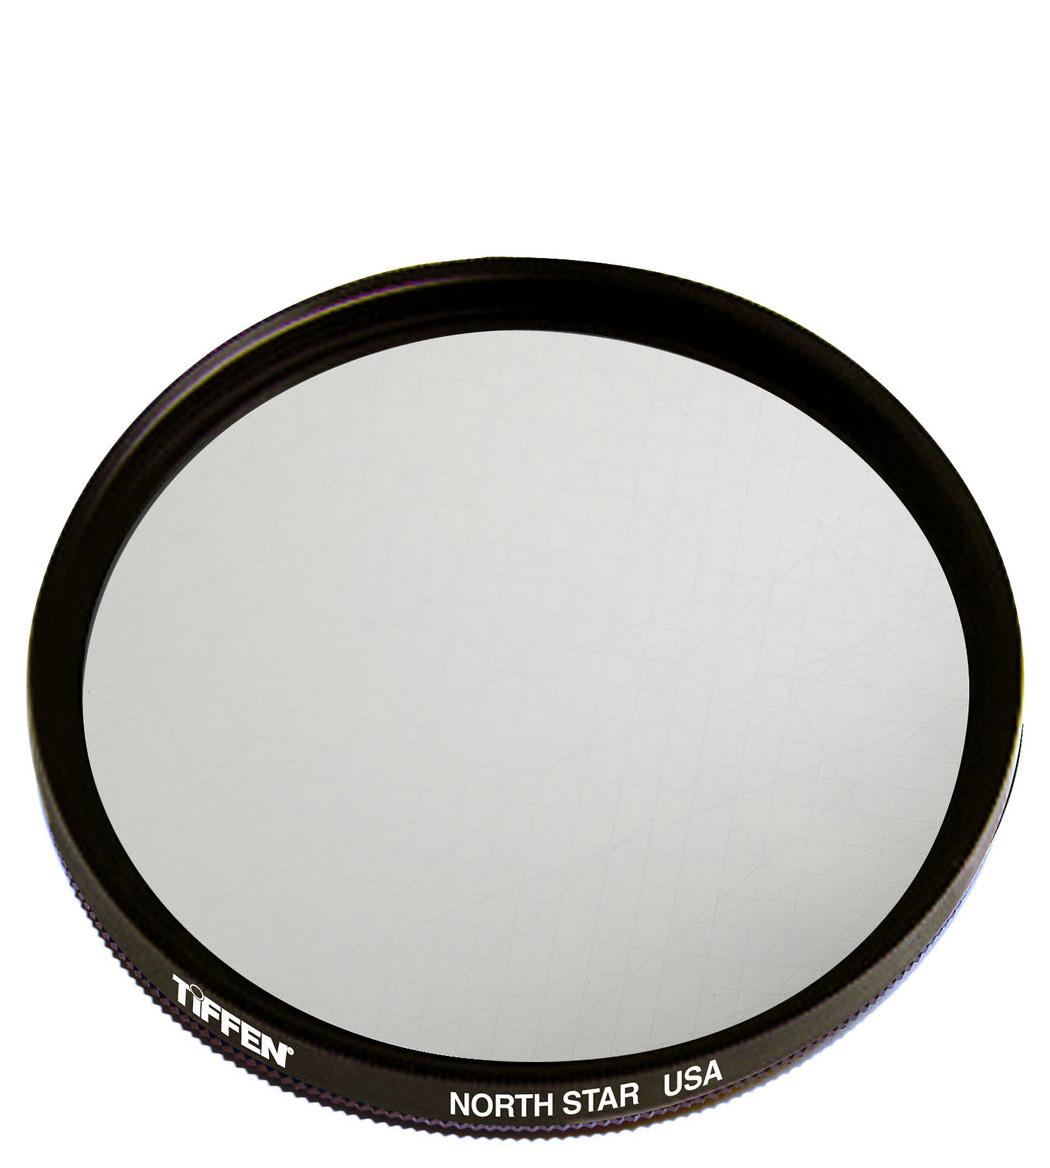 Filtro de lente Tiffen - North Star - 82mm